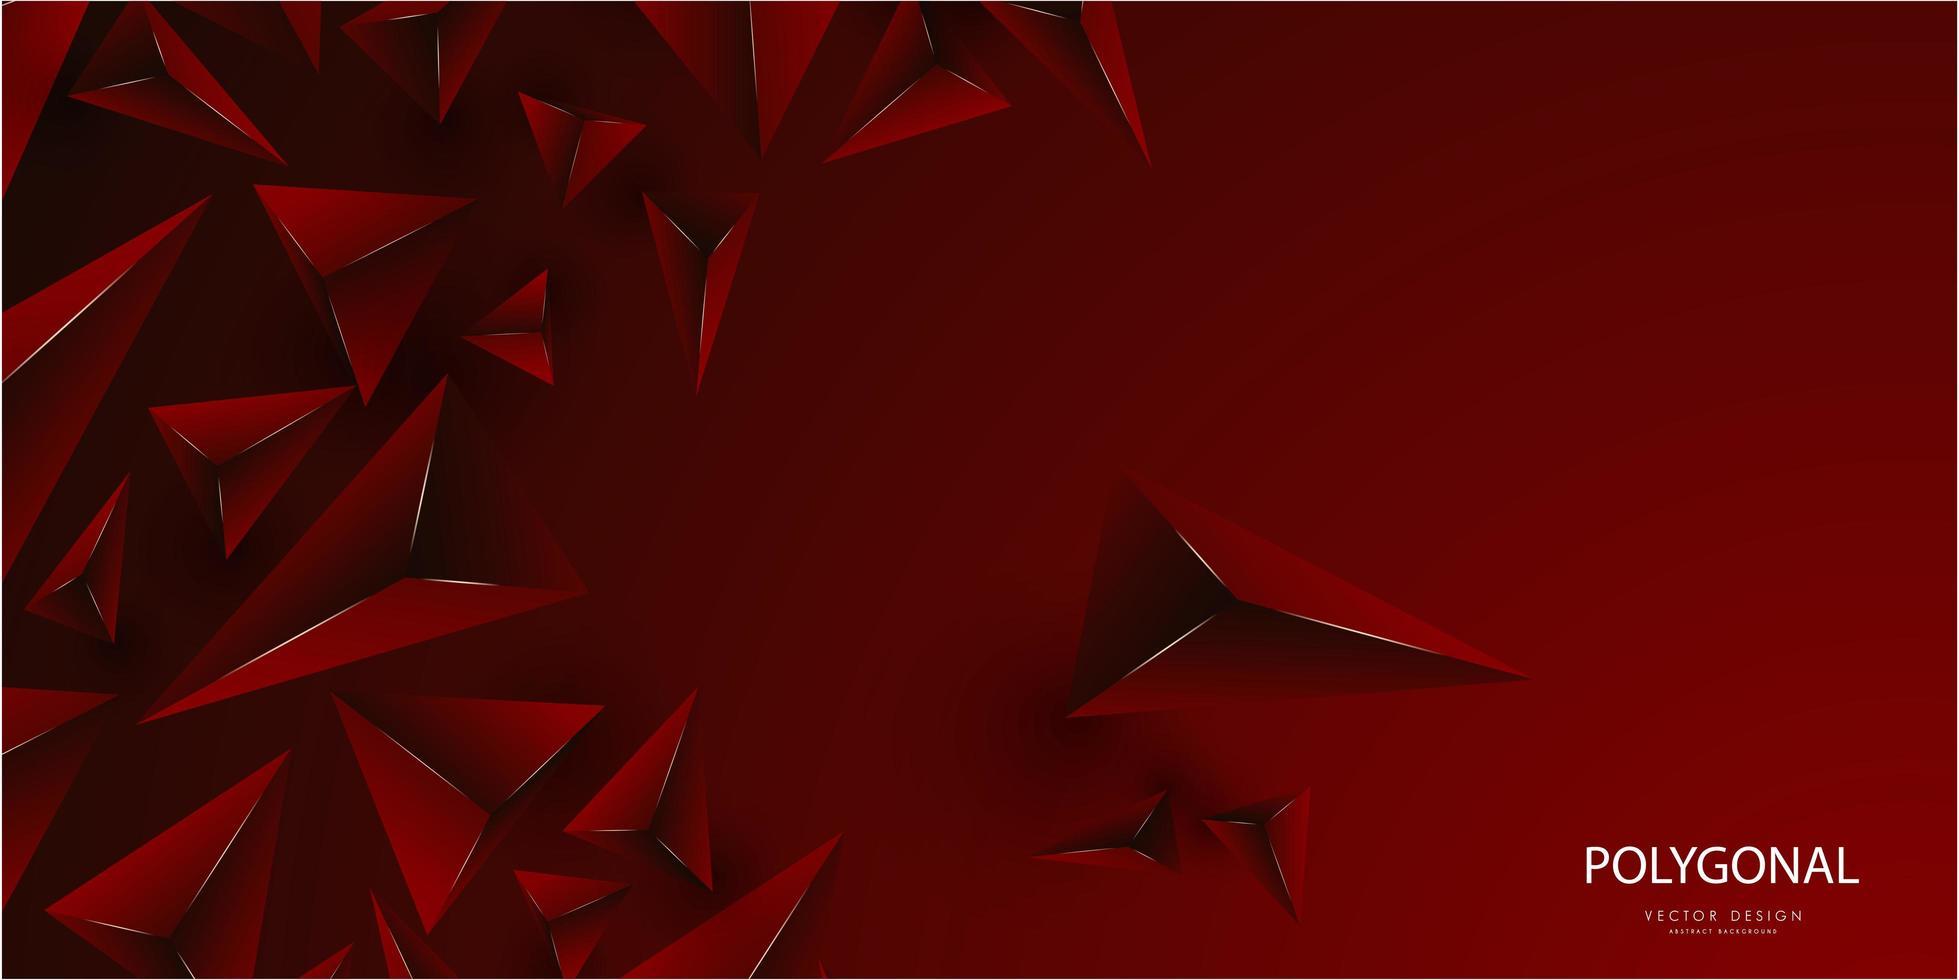 luxe rood met gouden lijn 3d driehoeken modern design vector